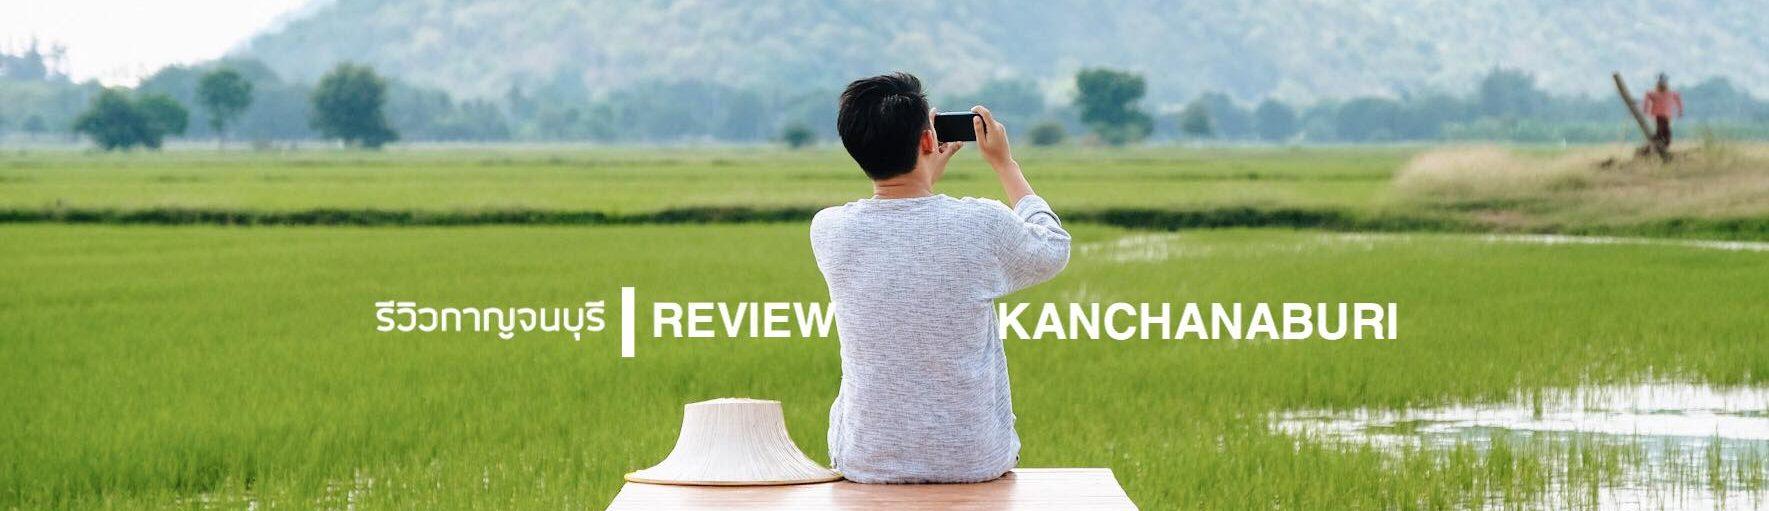 Review Kanchanaburi [รีวิวกาญจนบุรี]